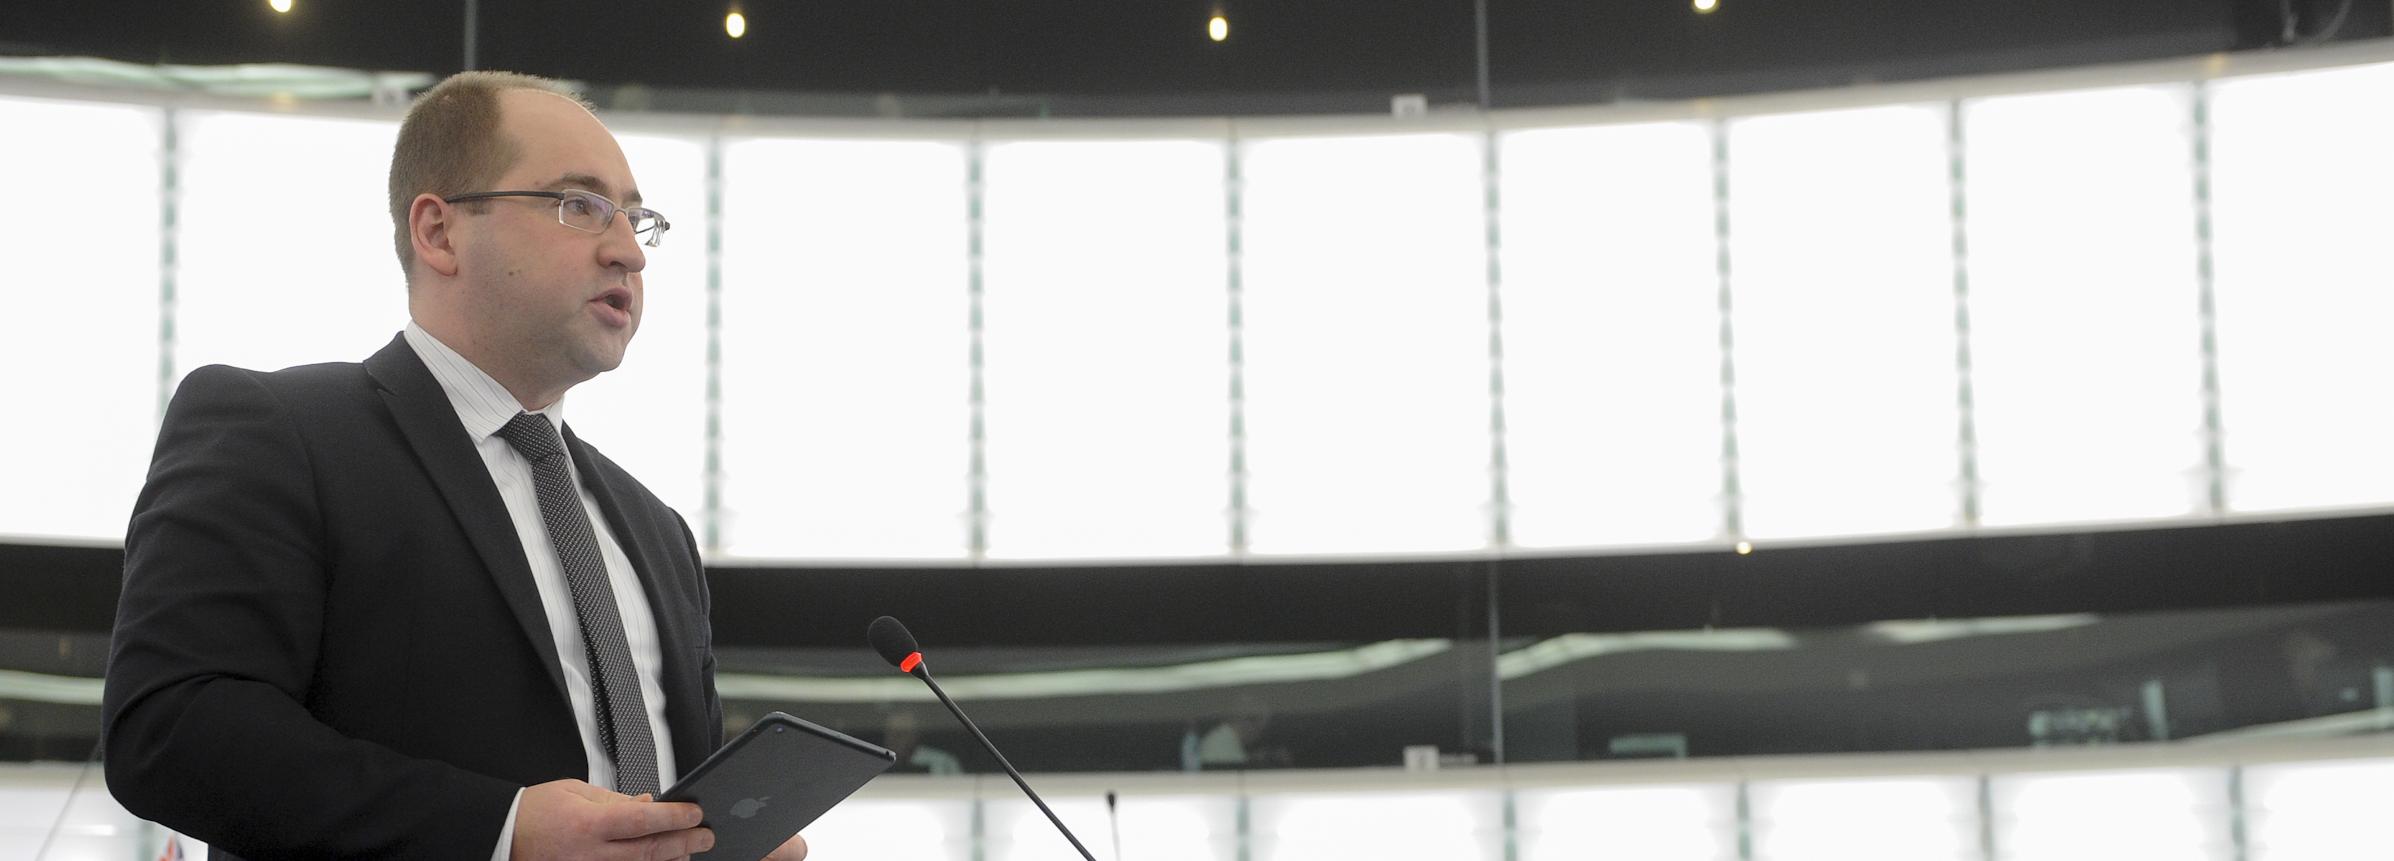 Interpelacja Adama Bielana w sprawie dyrektywy o leczeniu transgranicznym